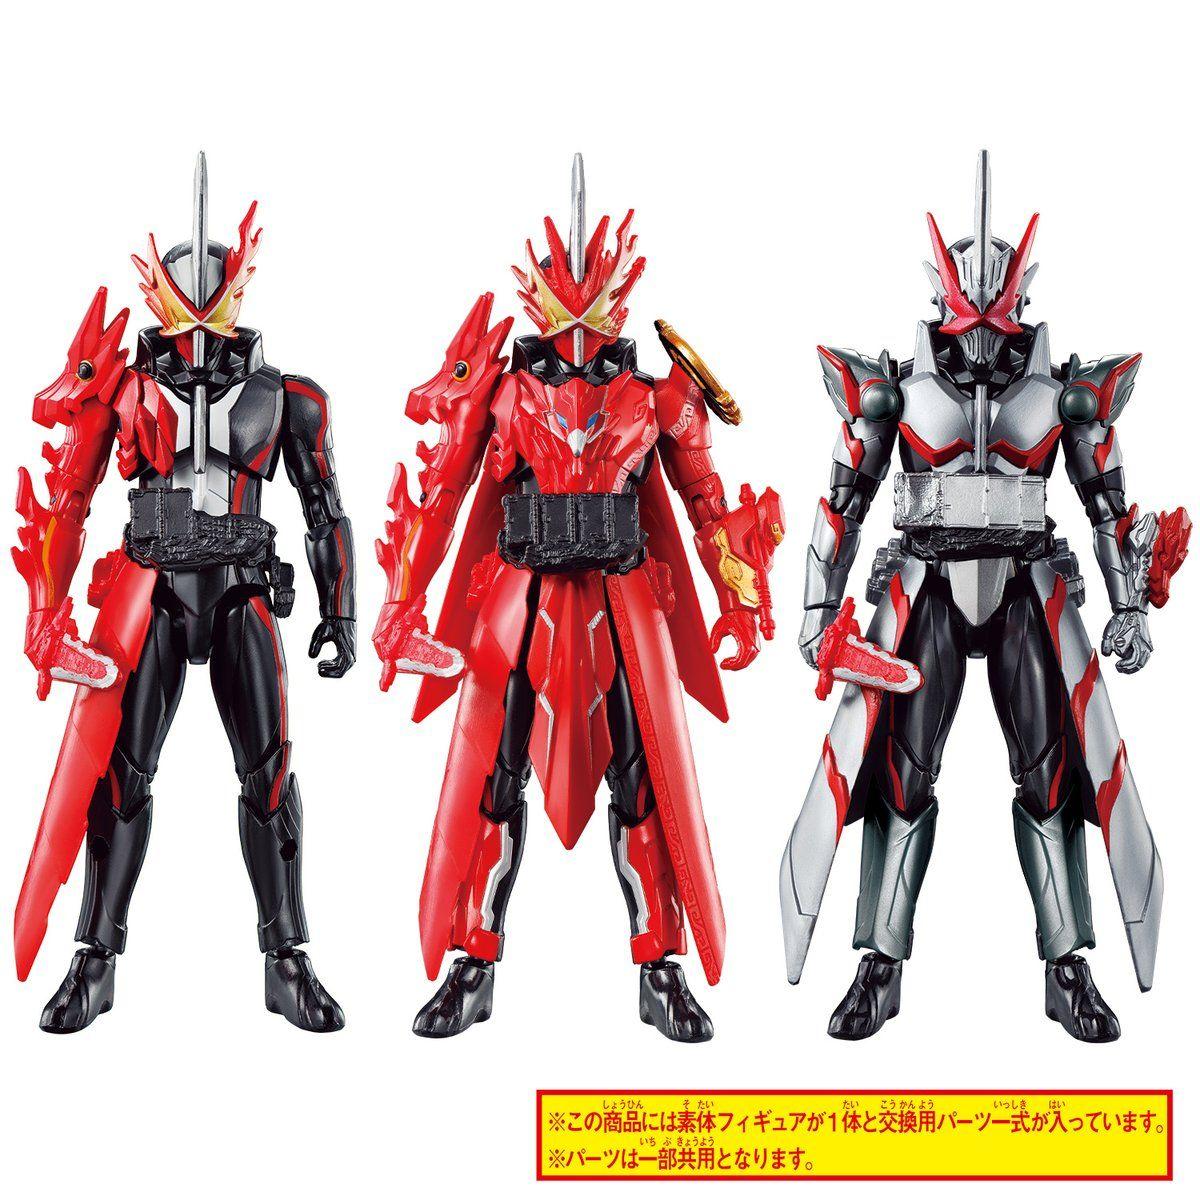 RKF『ドラゴニックナイト&ワンダーコンボセット』仮面ライダーセイバー 可動フィギュア-001